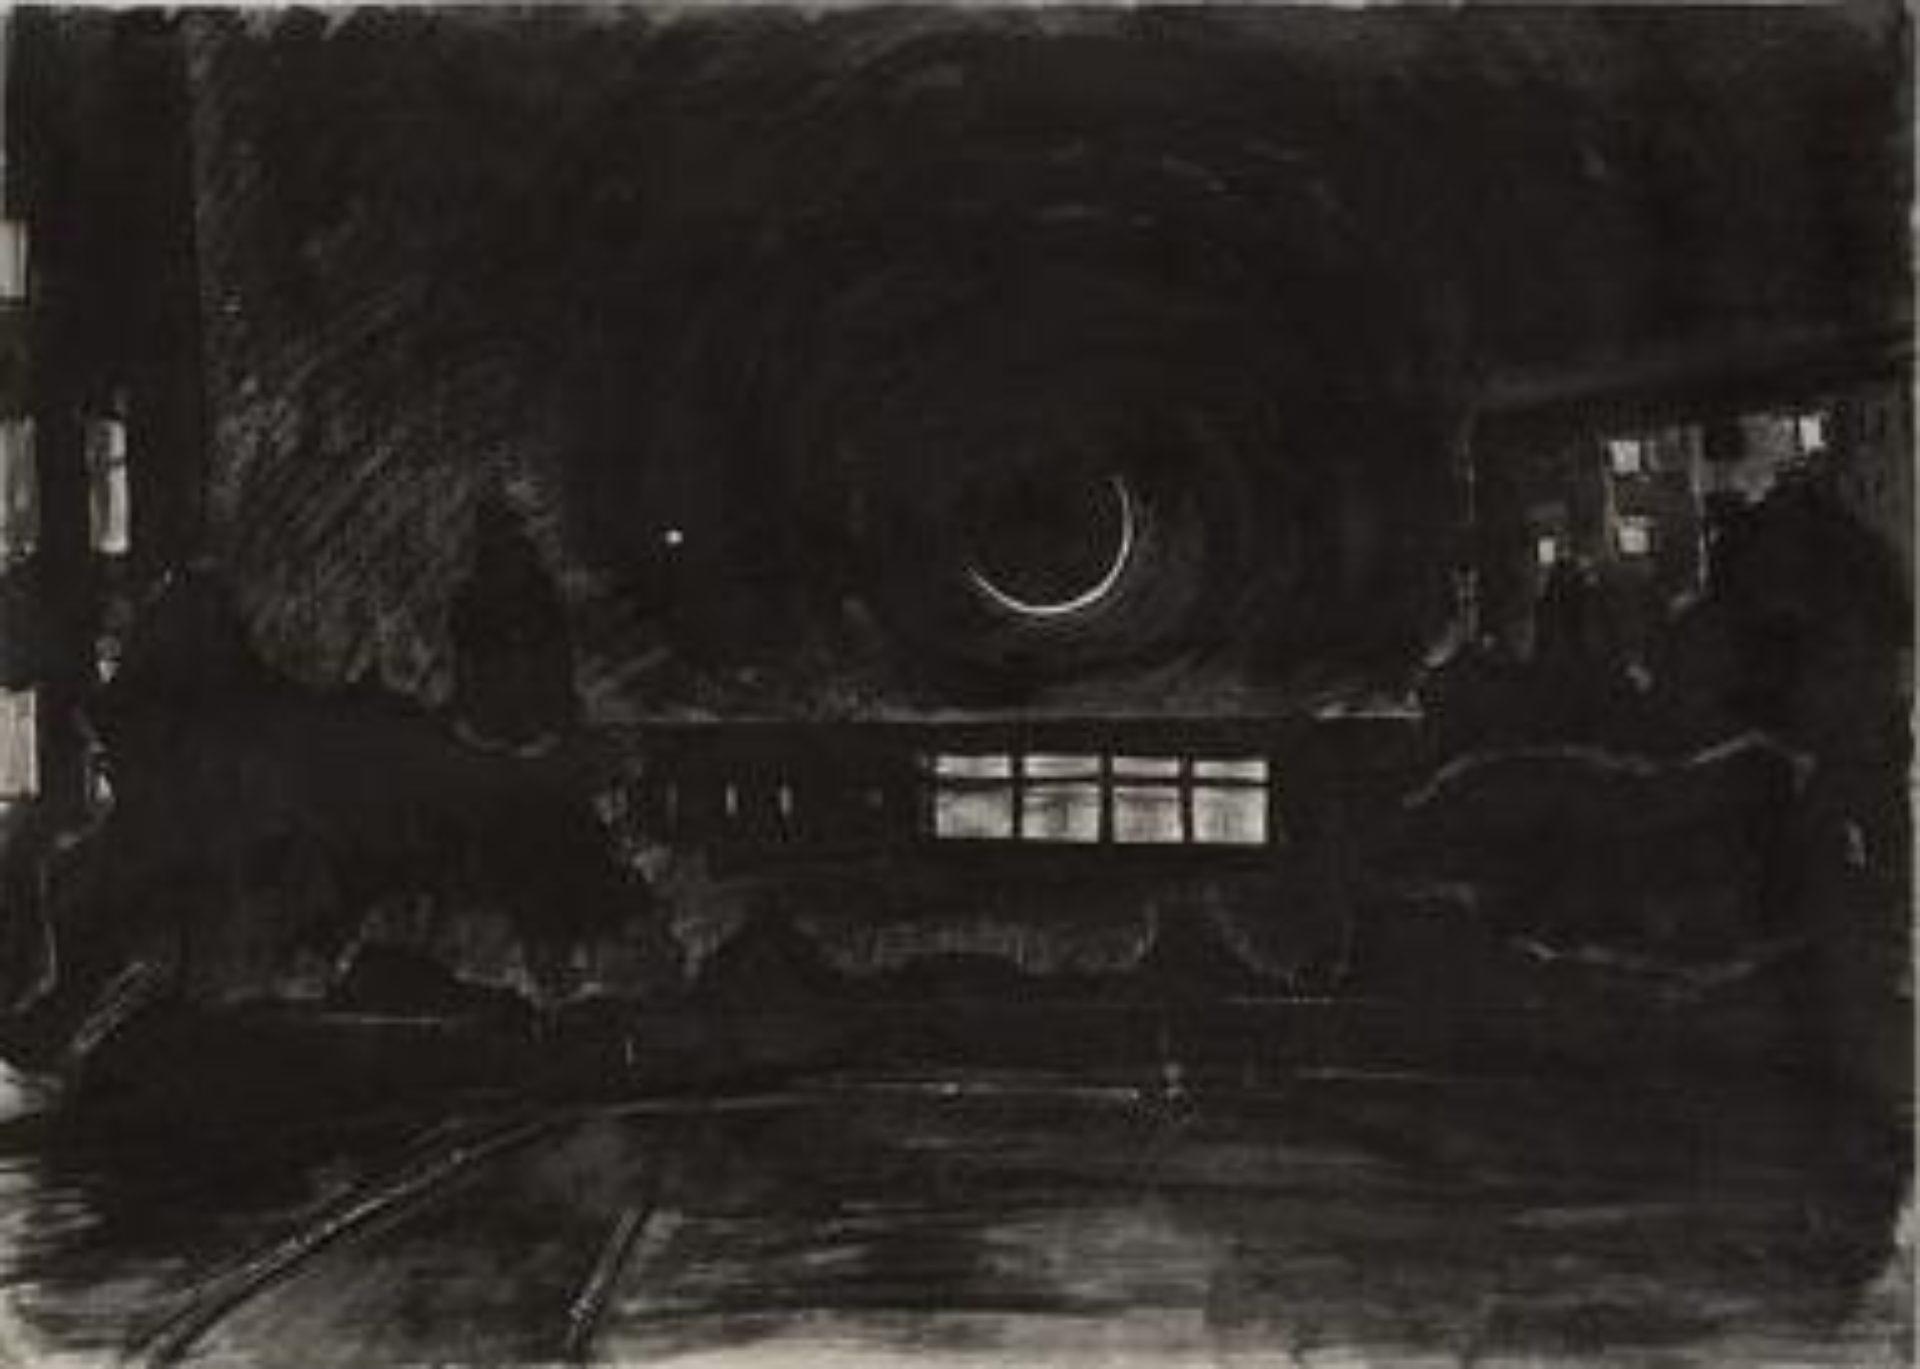 Volodymyr Kuznetsov, Night Landscape, Lviv, between Kulchytska and Liubinska Str., 2001